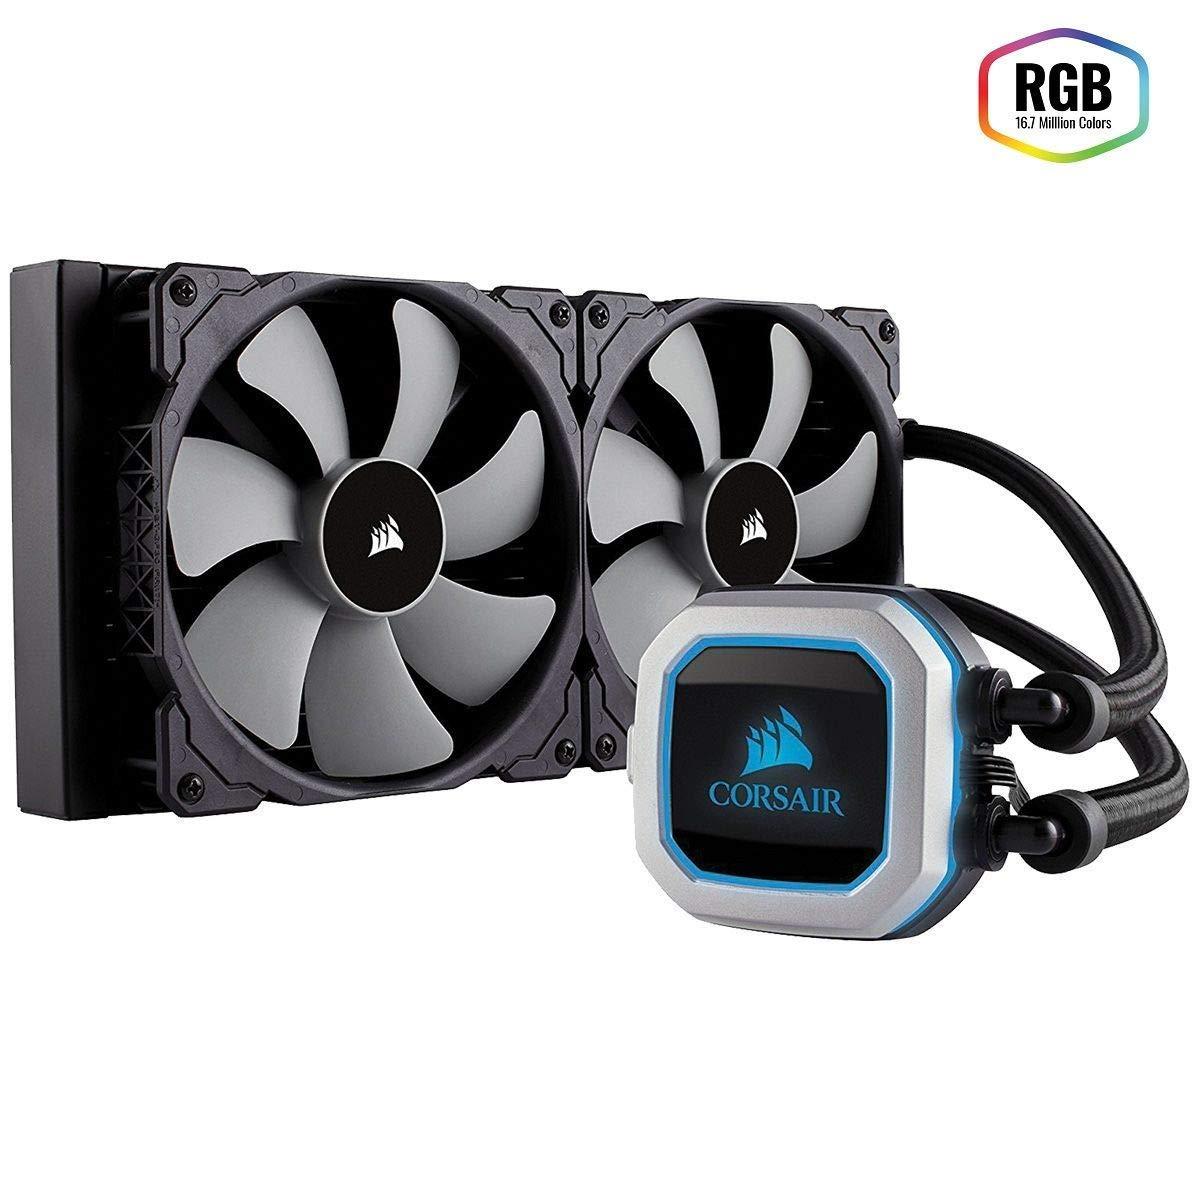 CORSAIR HYDRO Series H115i PRO RGB AIO Liquid CPU Cooler,280mm, Dual ML140 PWM Fans, Intel 115x/2066, AMD AM4 (Renewed)